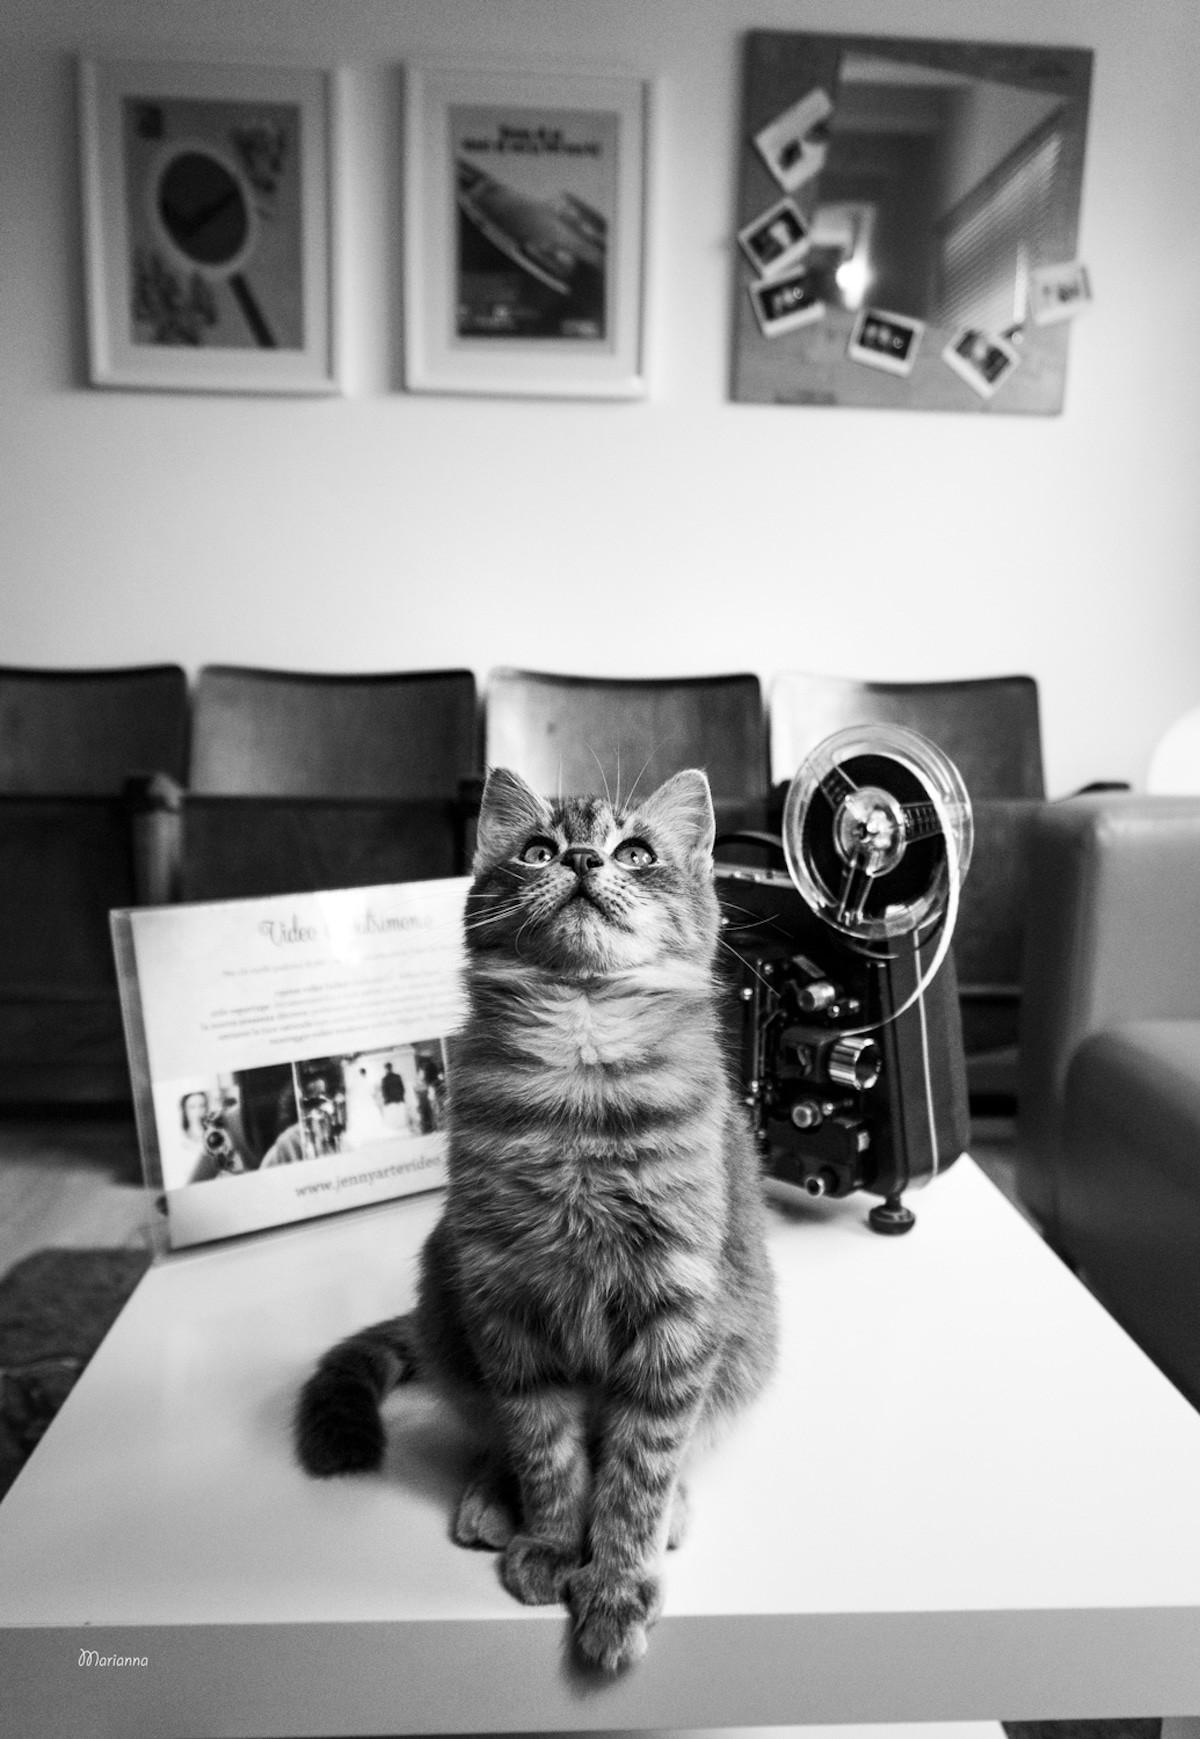 koshki-fotograf-Marianna-Zamperi__4